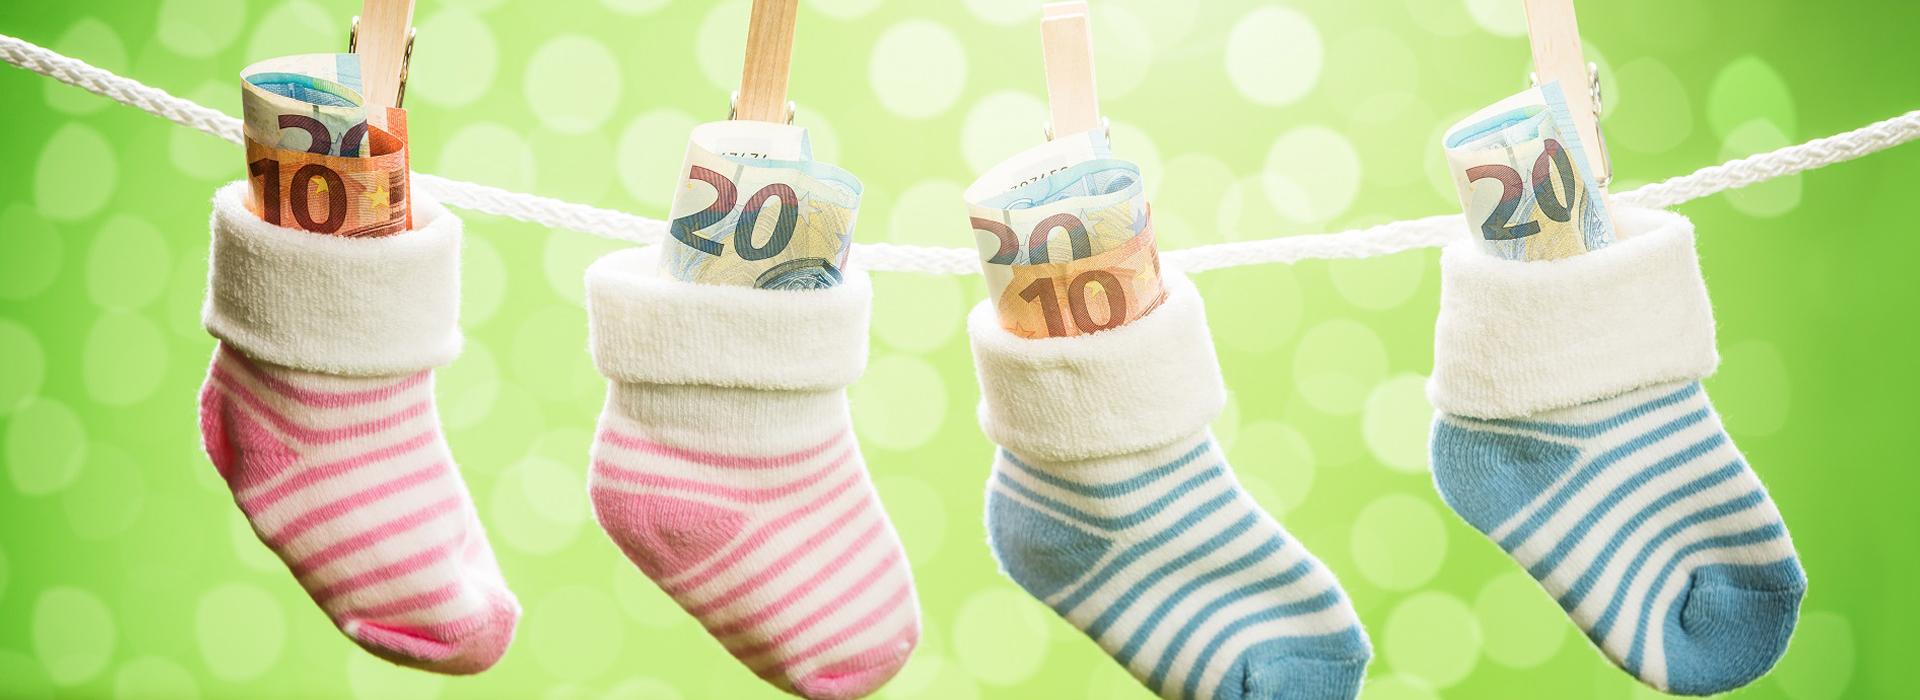 有錢人想的和你不一樣!善用「帳戶理財法」新手爸媽也能養小錢成大錢